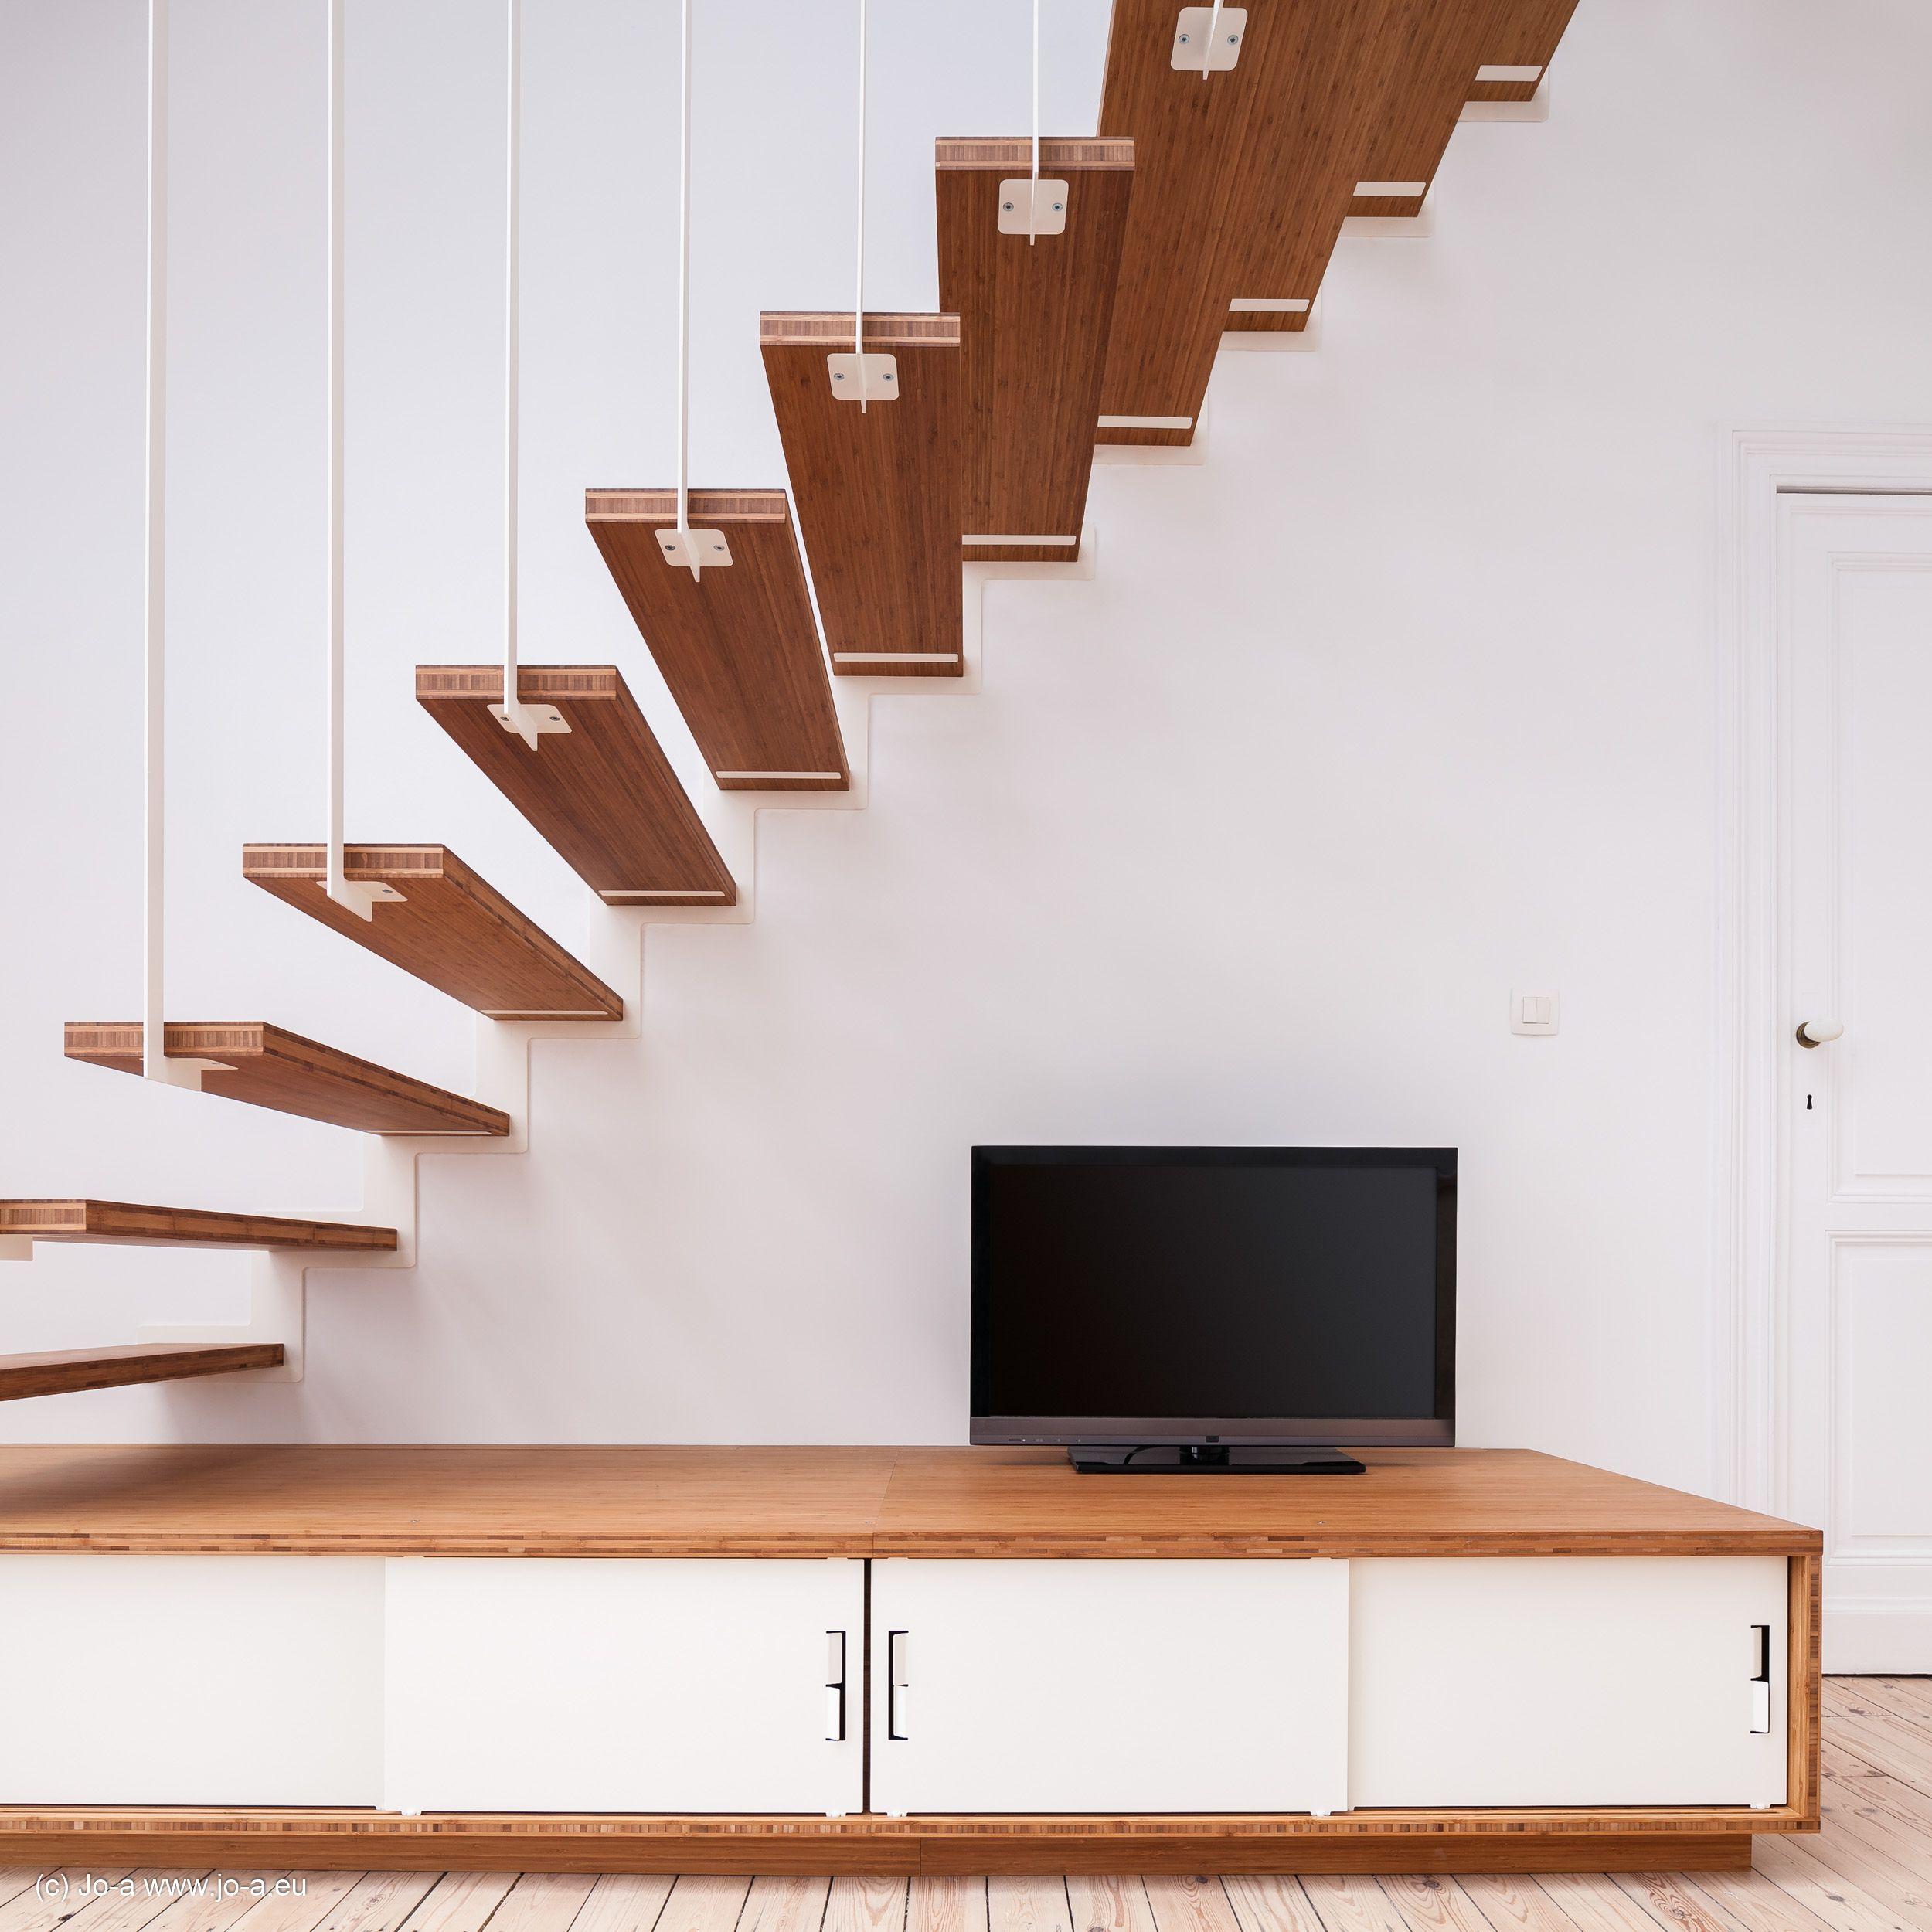 Escalier Suspendu Up De Jo A Integrant Un Meuble Tv Bas Et Quart Tournant Up Suspended Staircase With Low Tv Set St Escalier Suspendu Escalier Idees Escalier